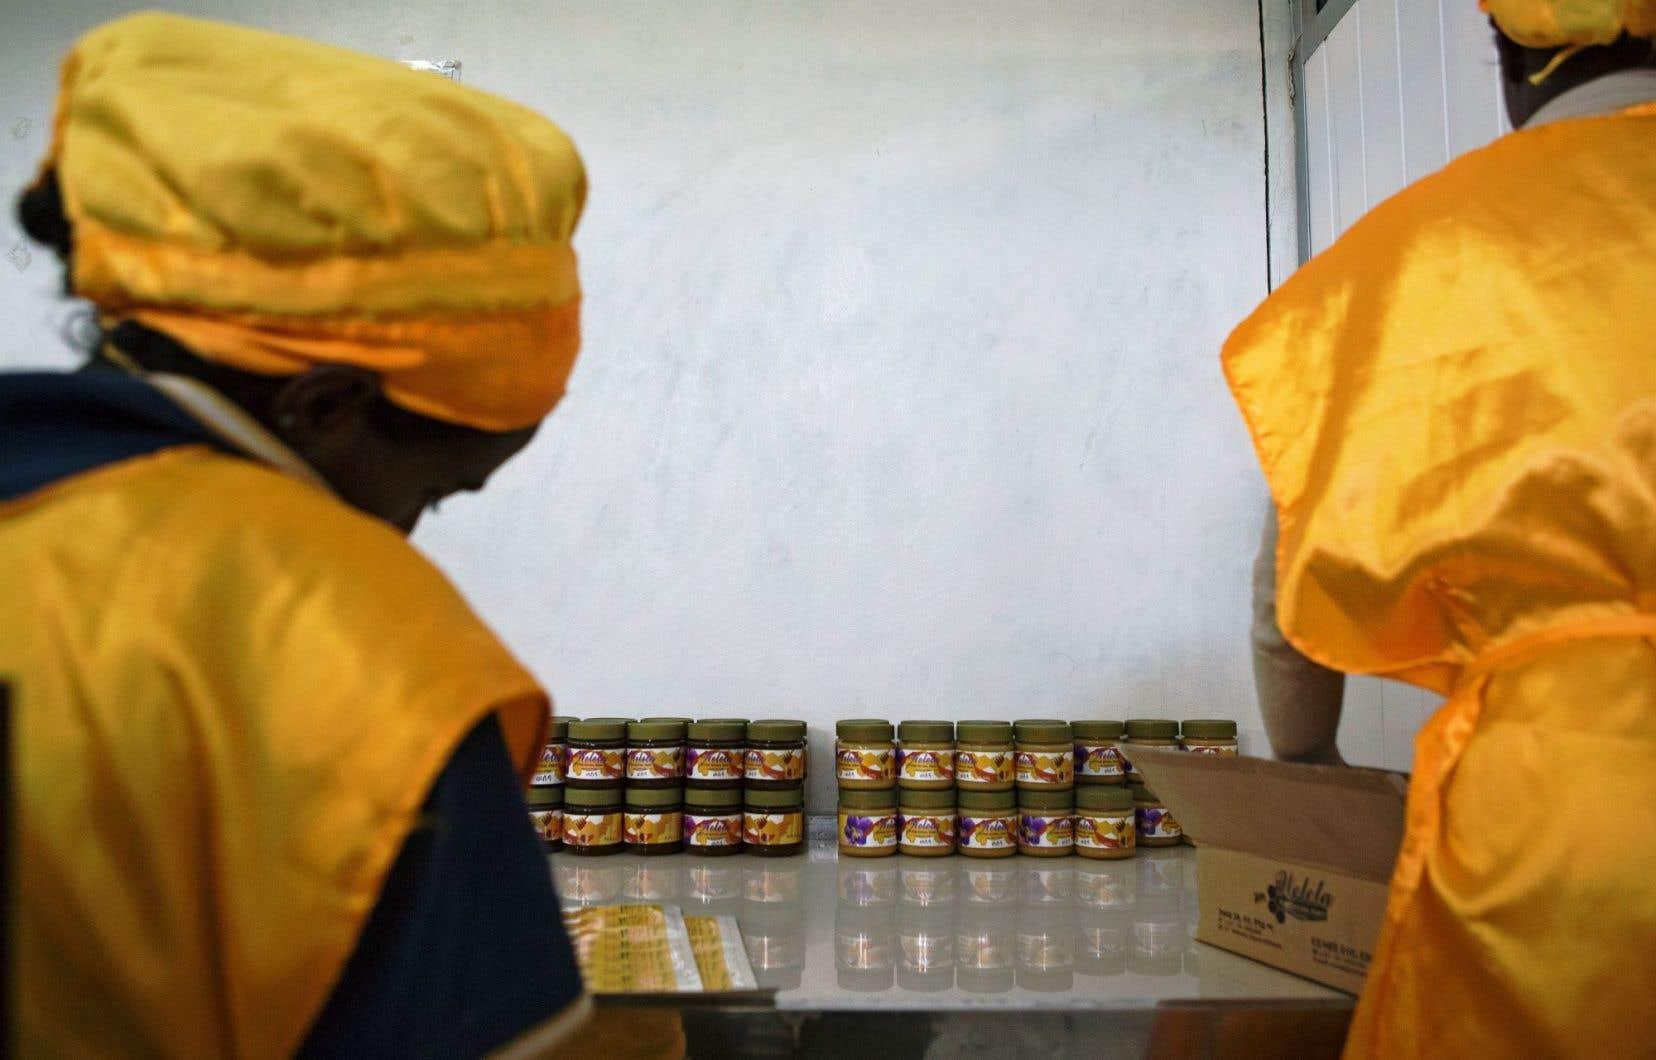 Des ouvrières de l'entreprise Welele emballent du miel destiné à la vente, dans la principale usine de transformation de miel à Mekele, en Éthiopie.